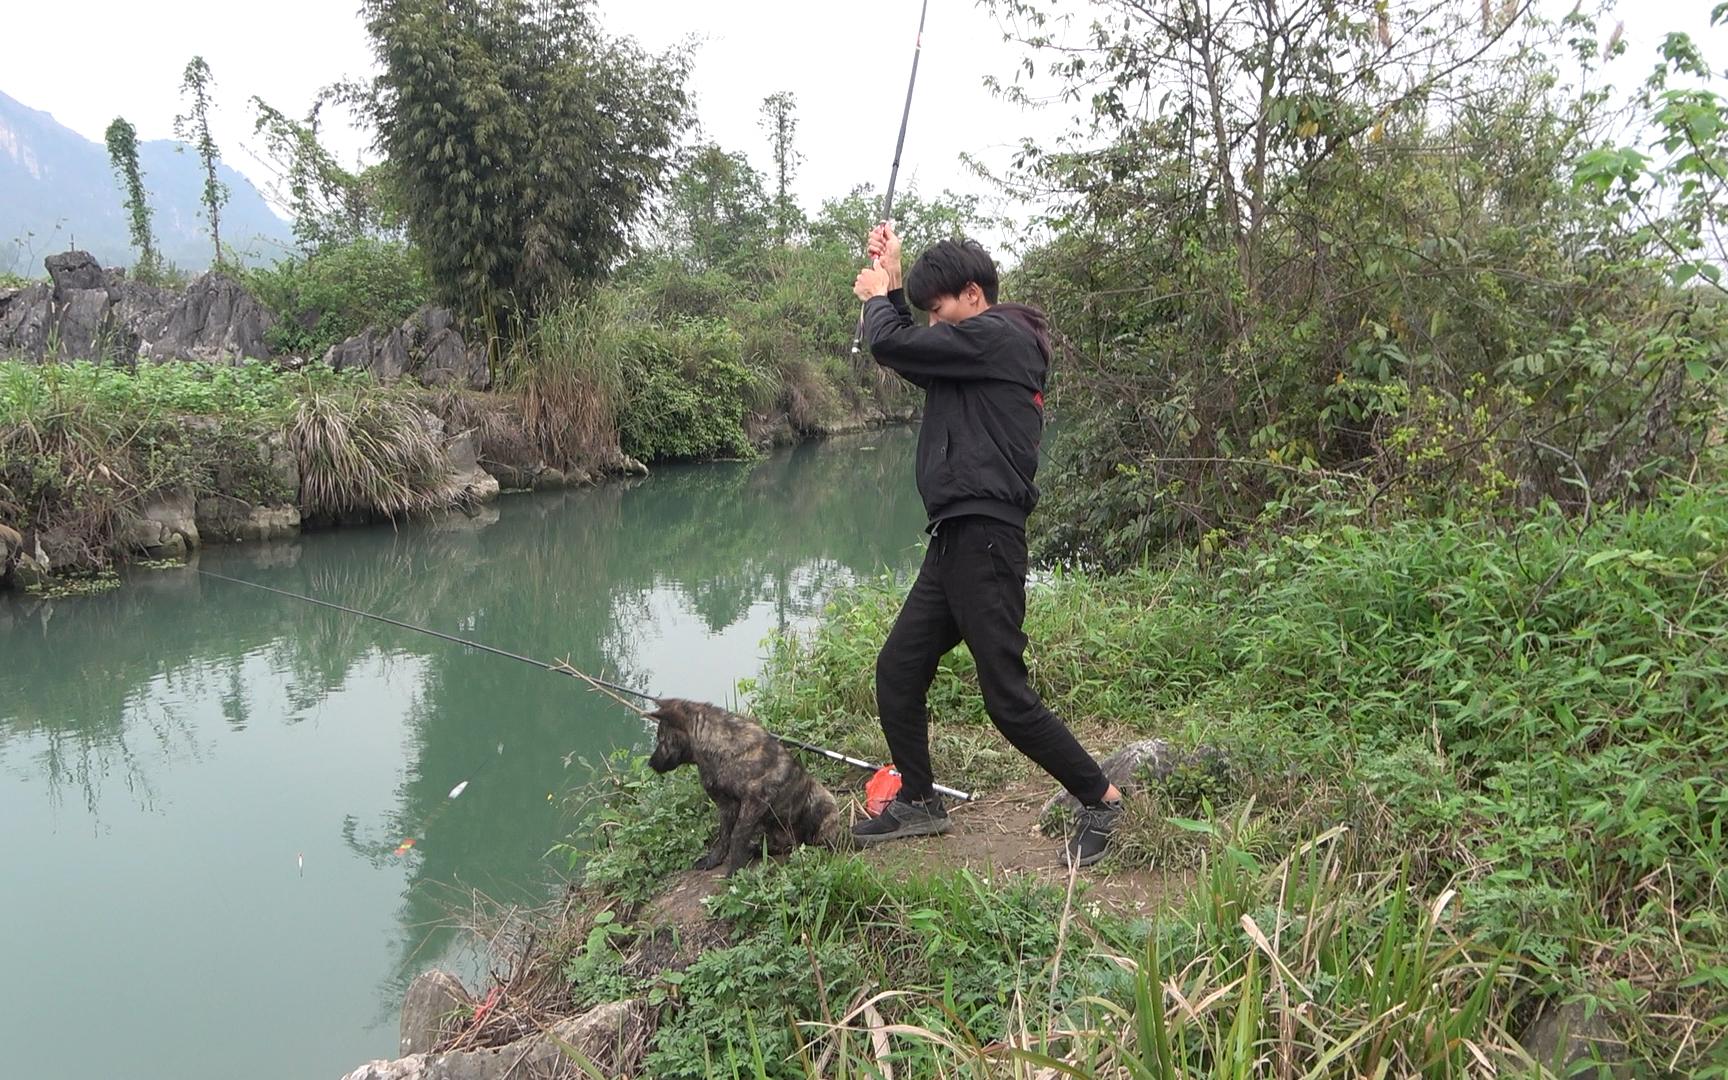 小明河边野钓遇鱼群咬钩,惊喜一个接一个,甩竿甩得太过瘾了